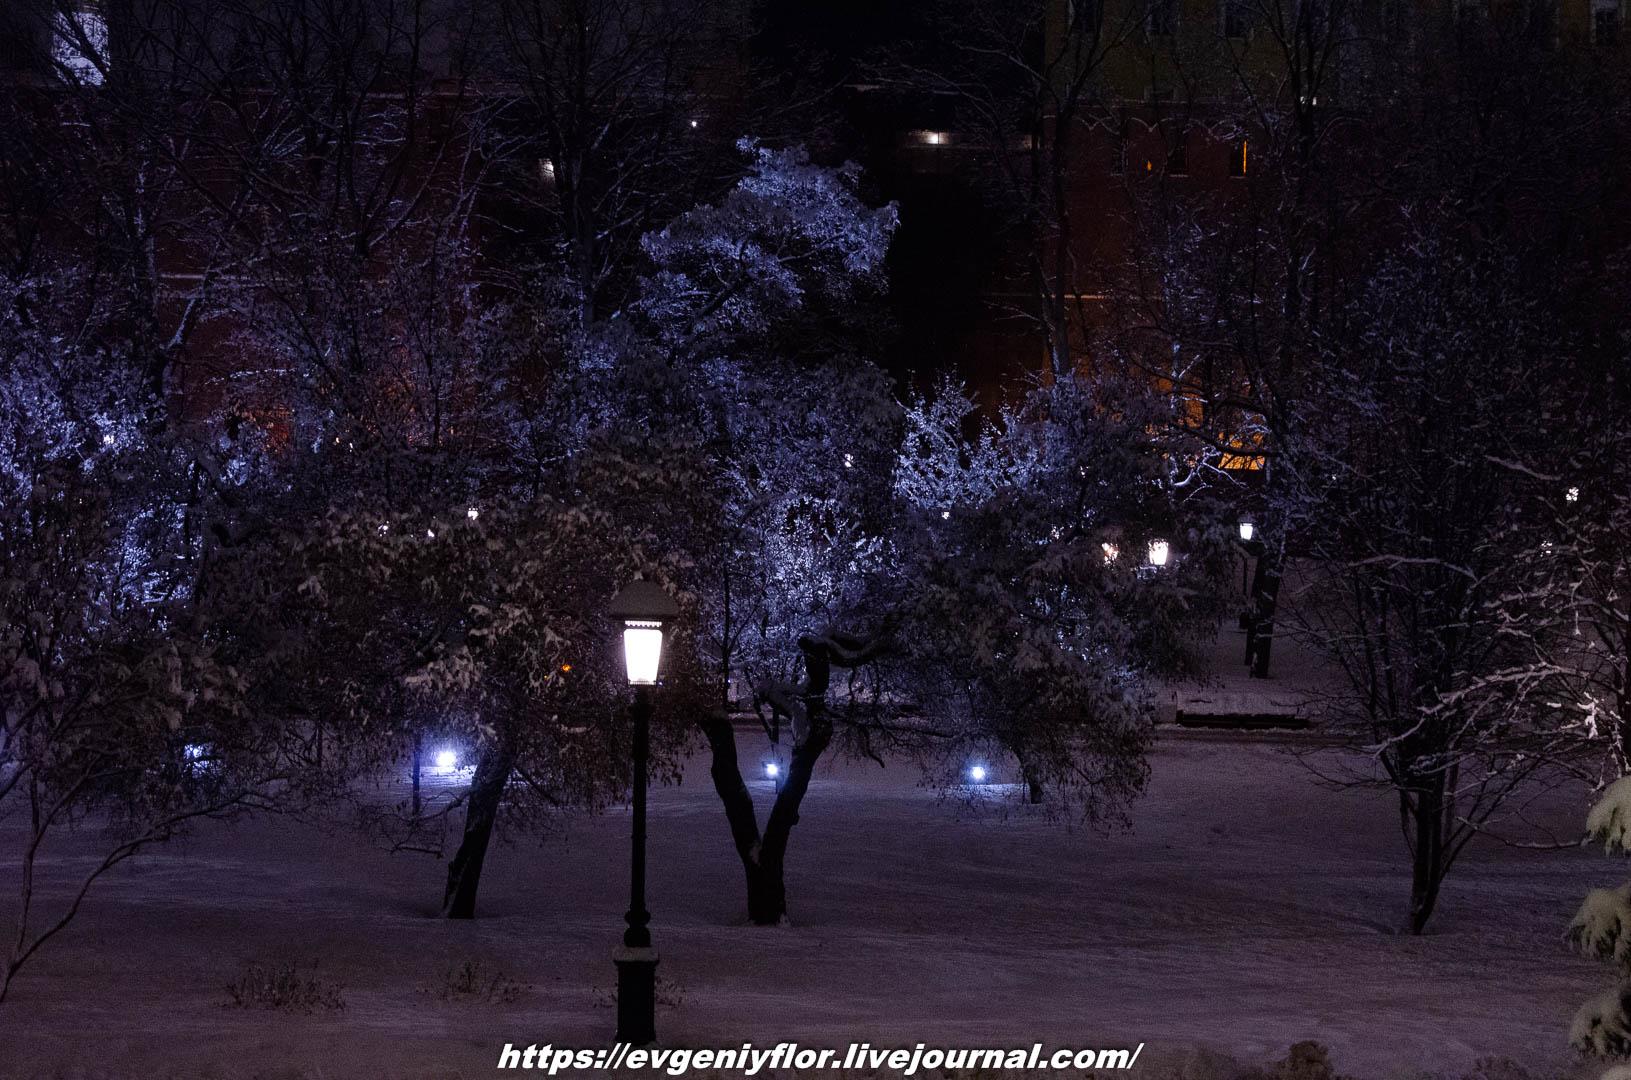 Вечерняя прогулка после снегопада    13 02 - 2019 Среда !Новая папка (2)6786.jpg